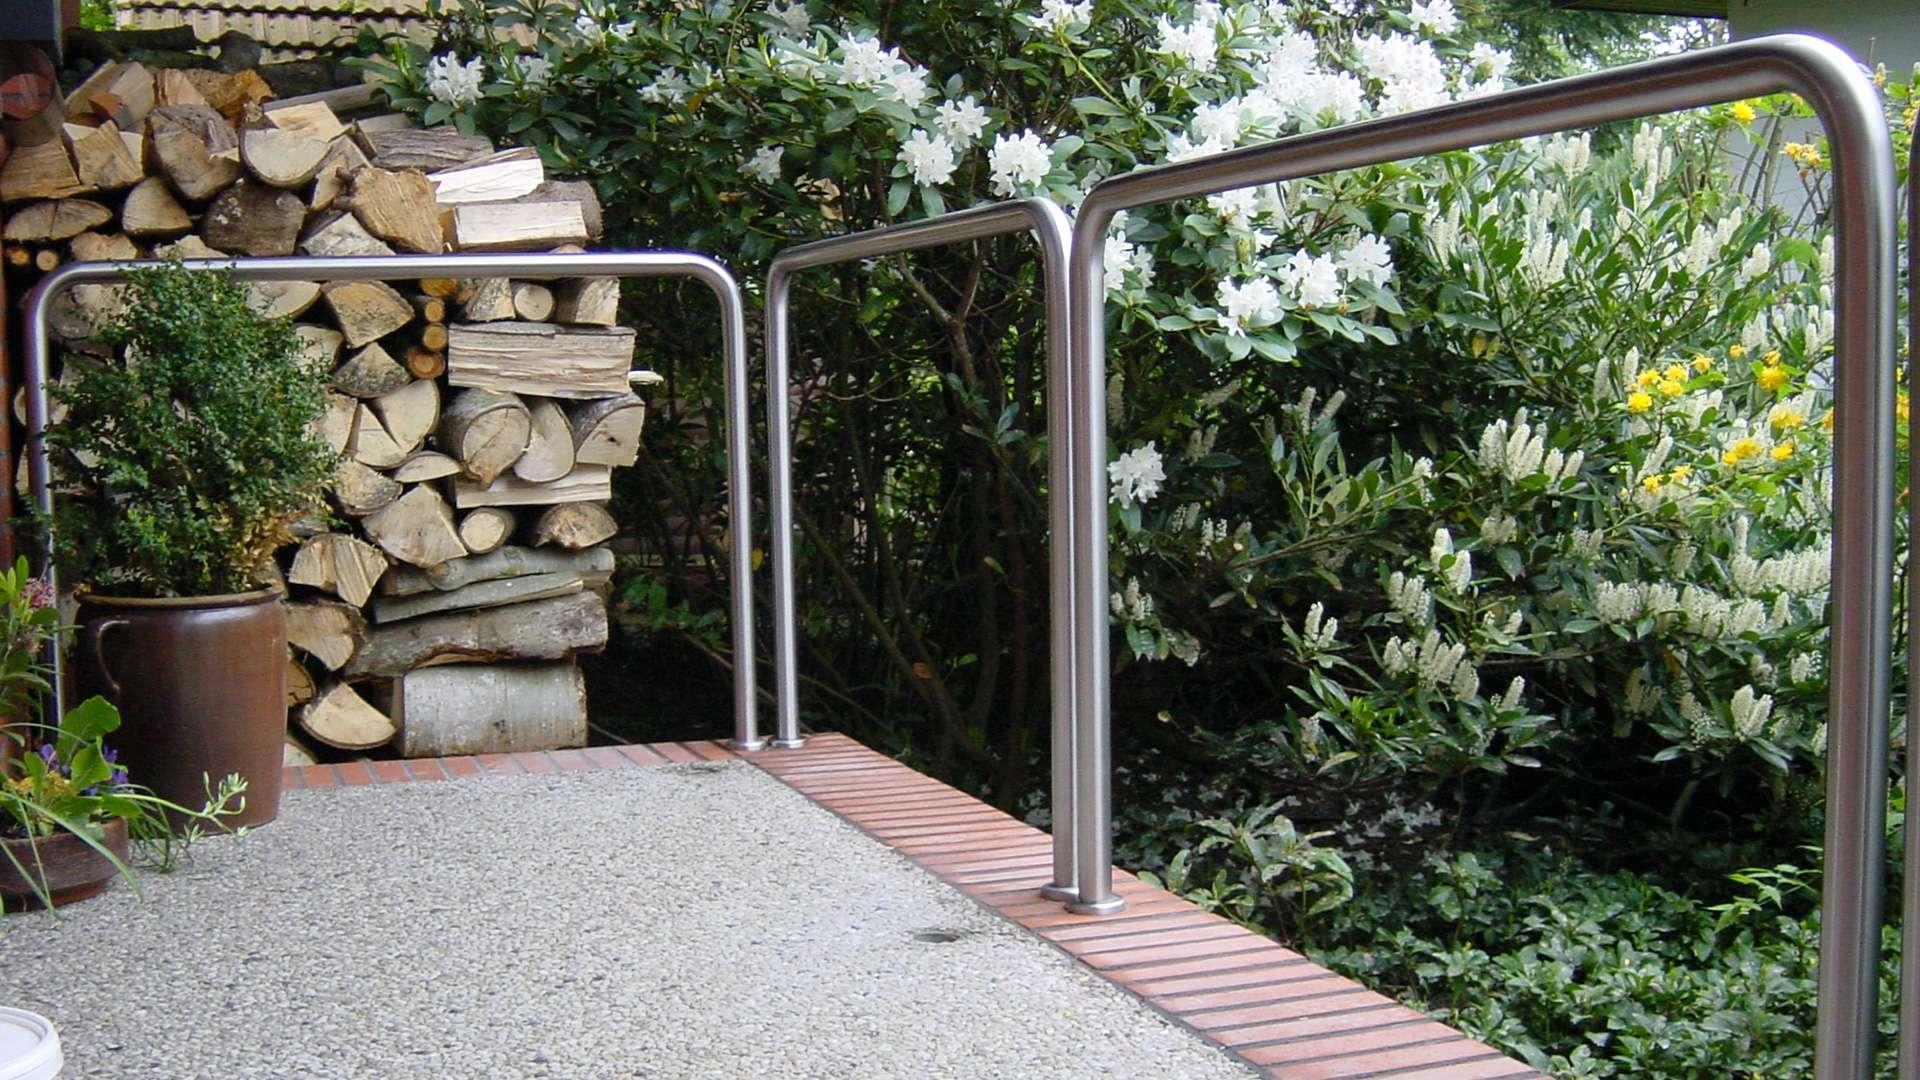 Geländer aus Metall an einem Balkon